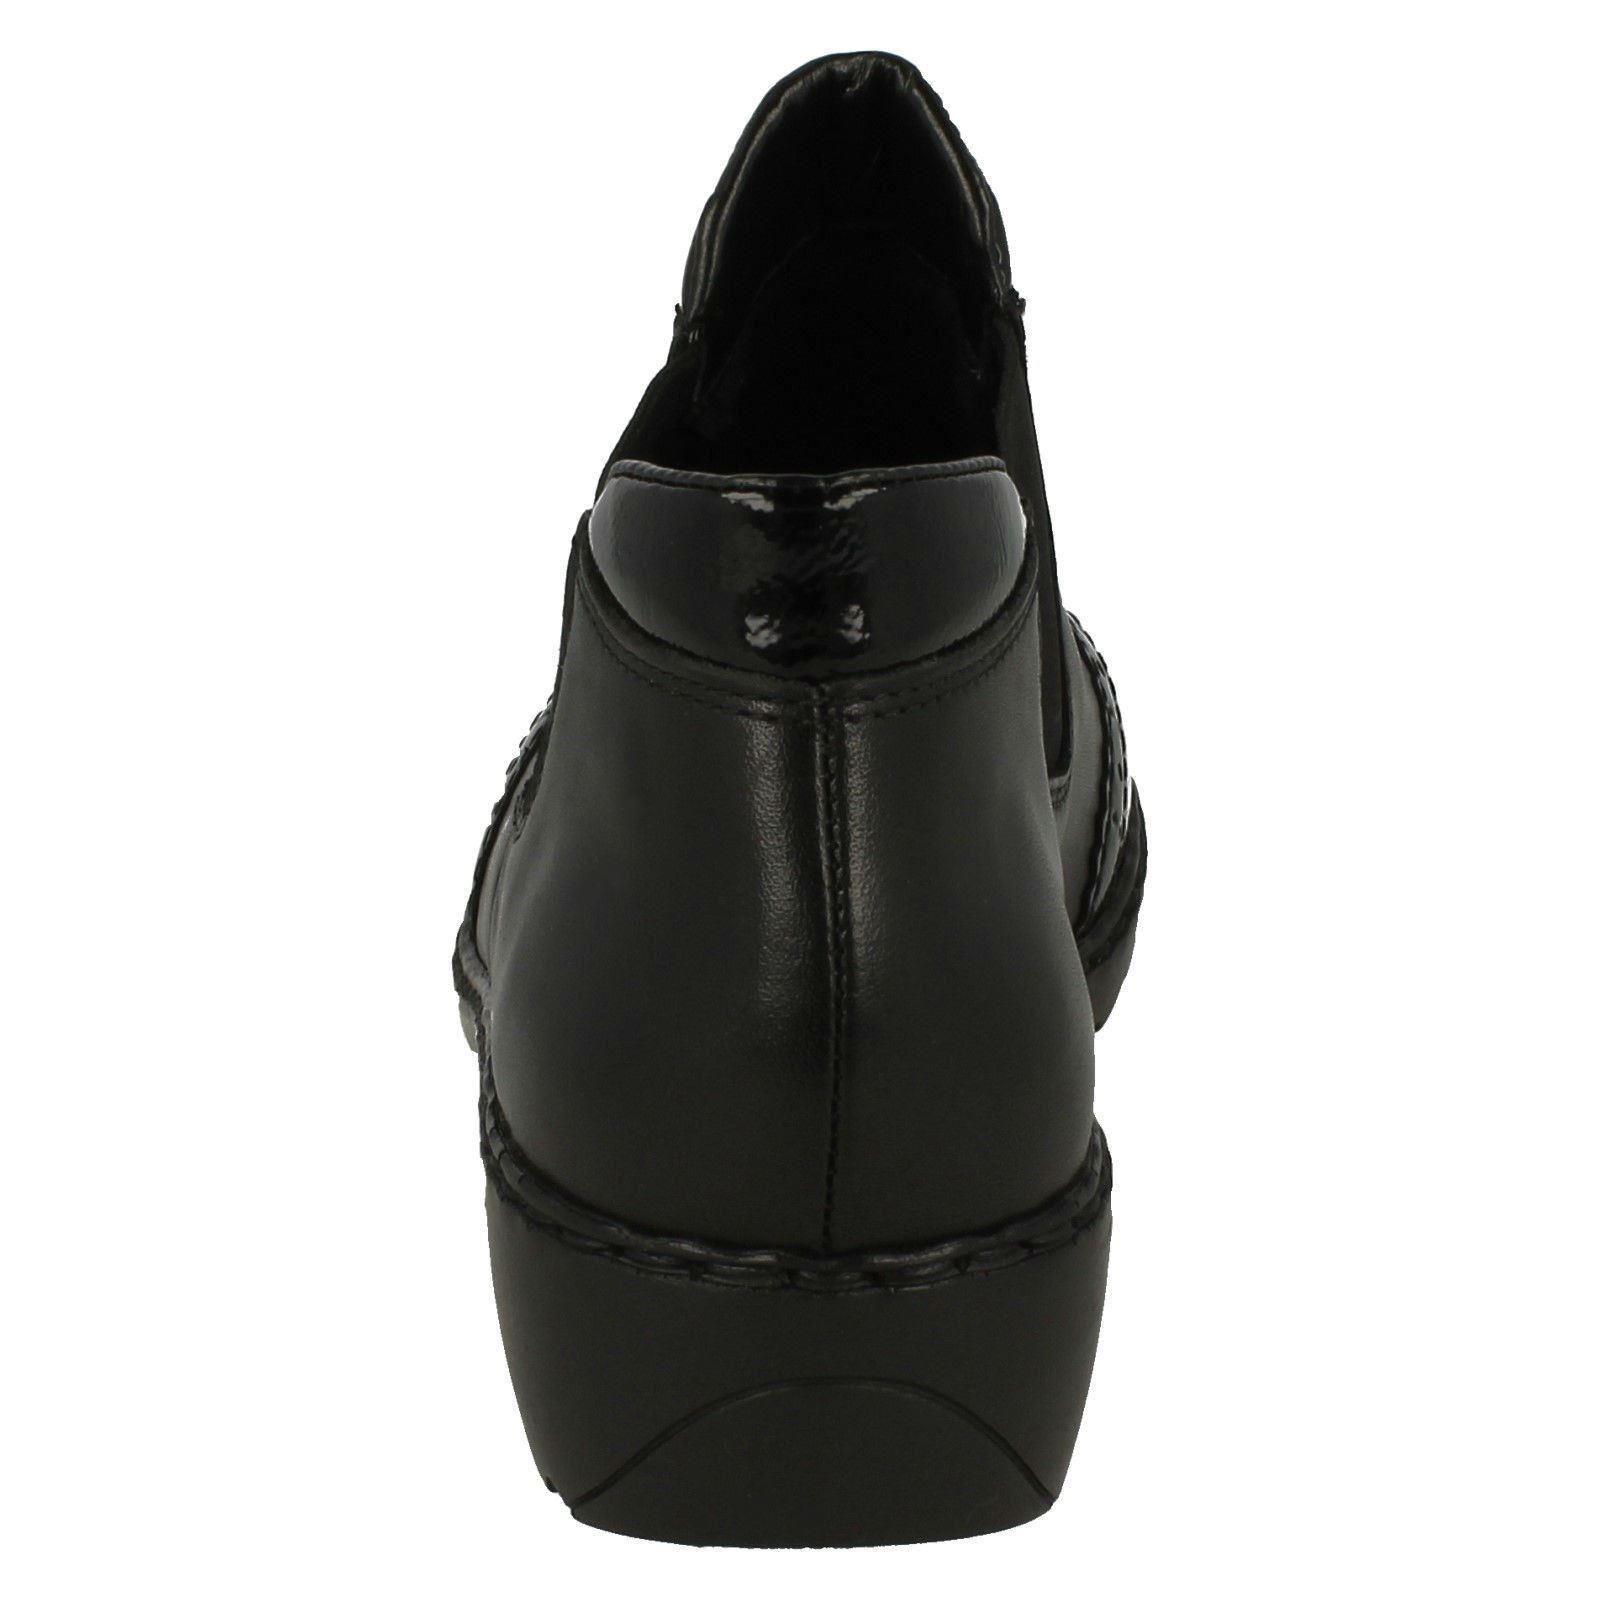 Damenschuhe Rieker Brogue Brogue Rieker InspiROT Stiefel L6099 8672ad